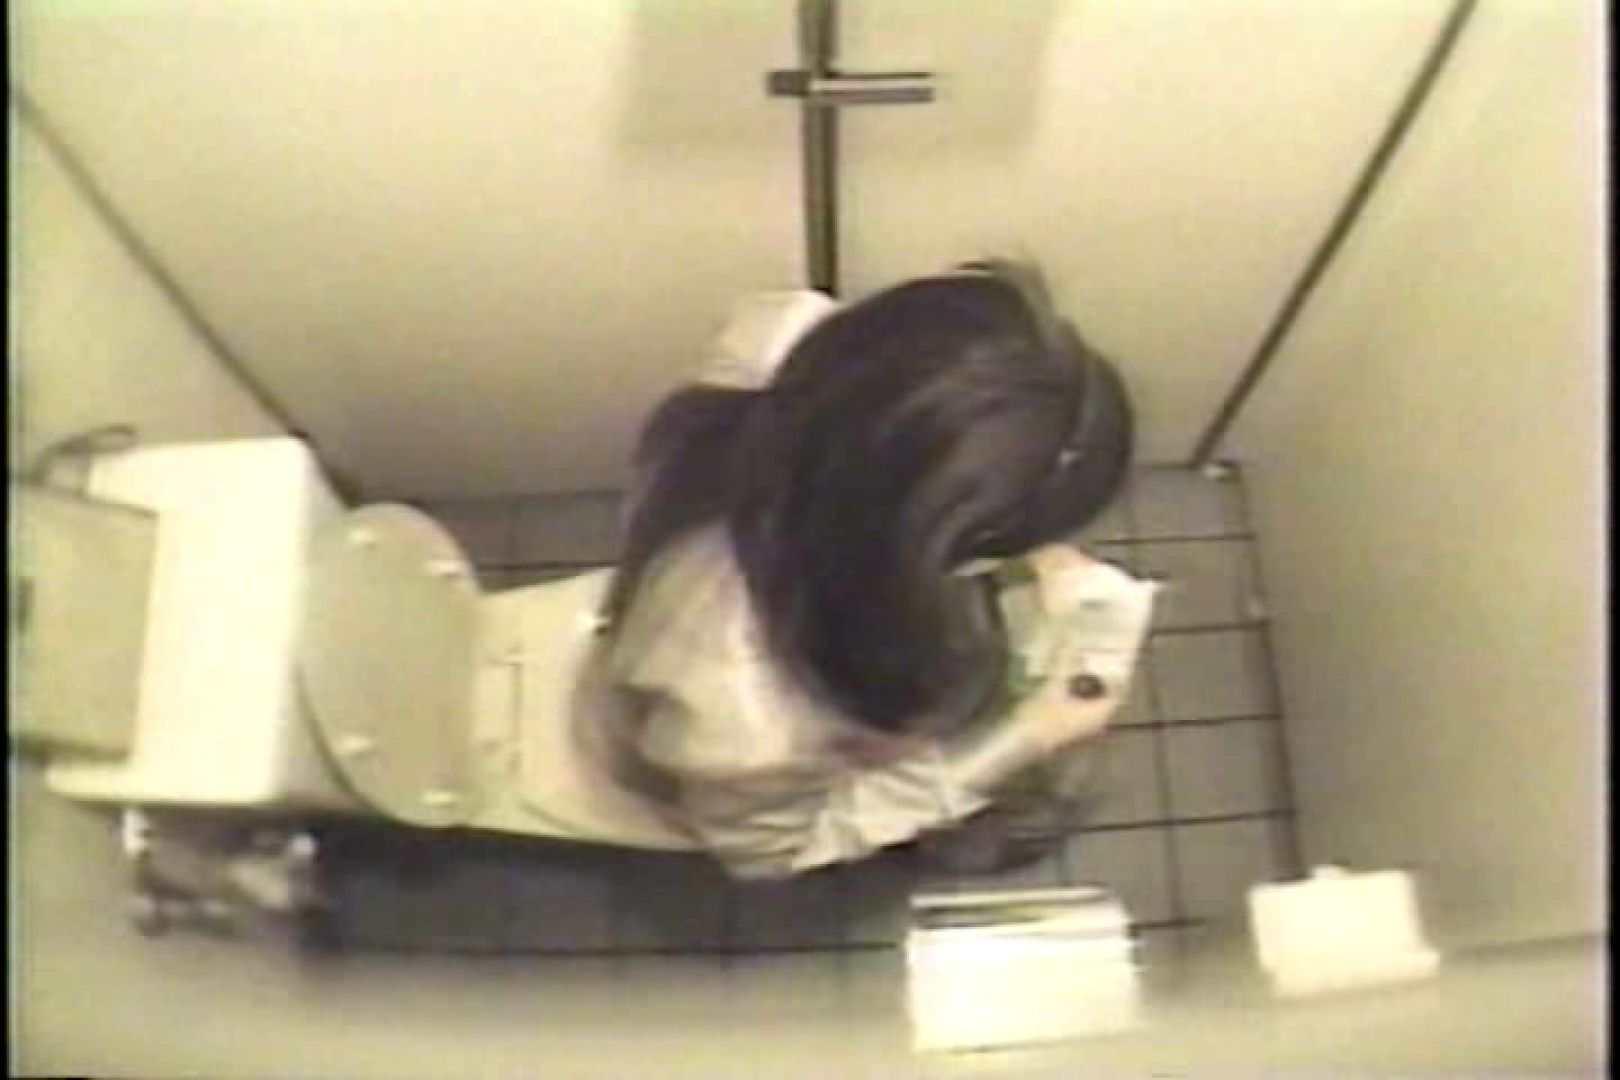 盗撮 女子洗面所3ヶ所入ってしゃがんで音出して プライベート | 和式  67pic 61